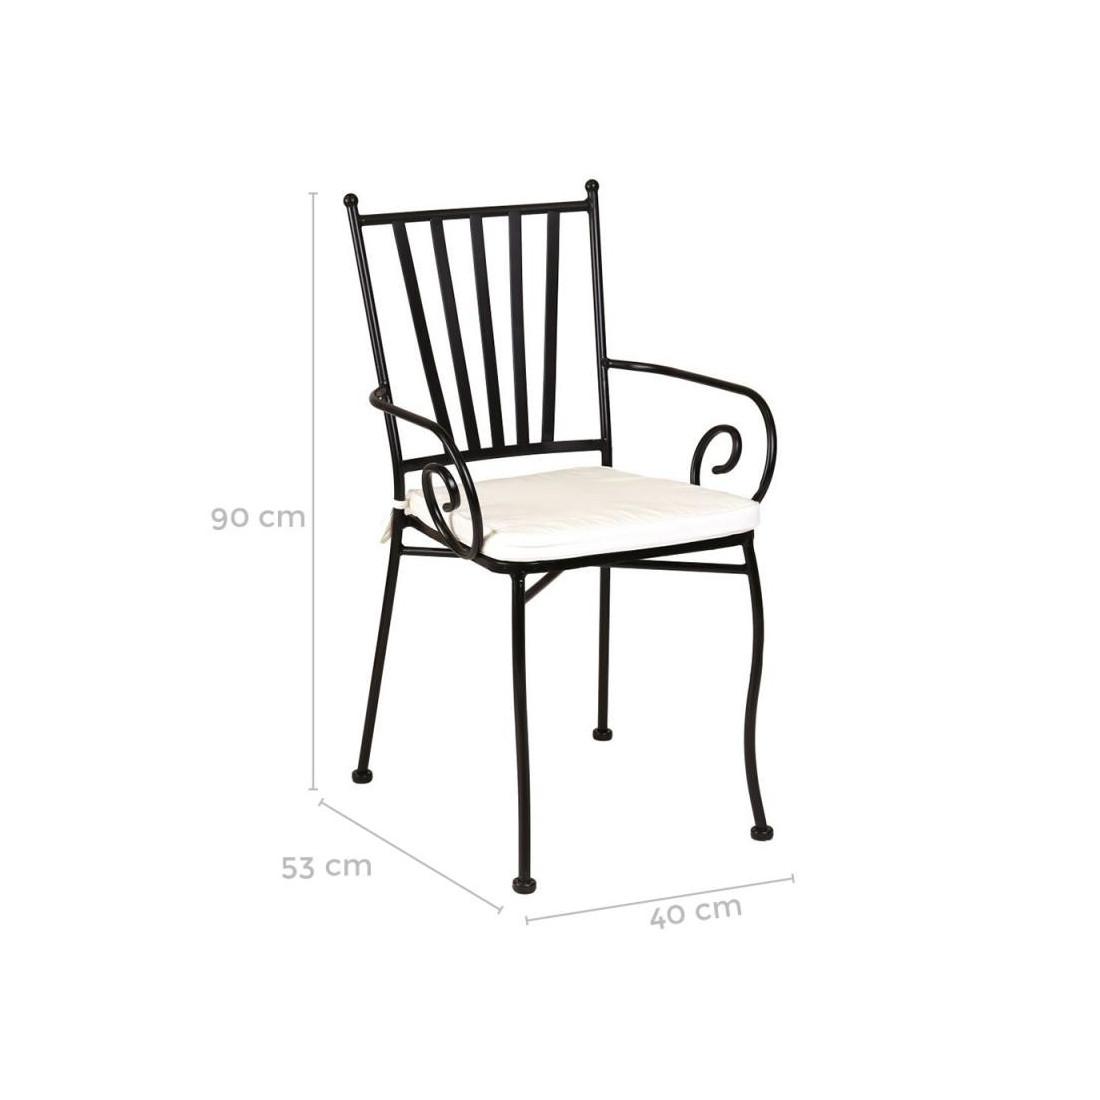 Chaise fer forg noir avec accoudoirs et coussin embudu - Chaise en fer forge pour jardin ...